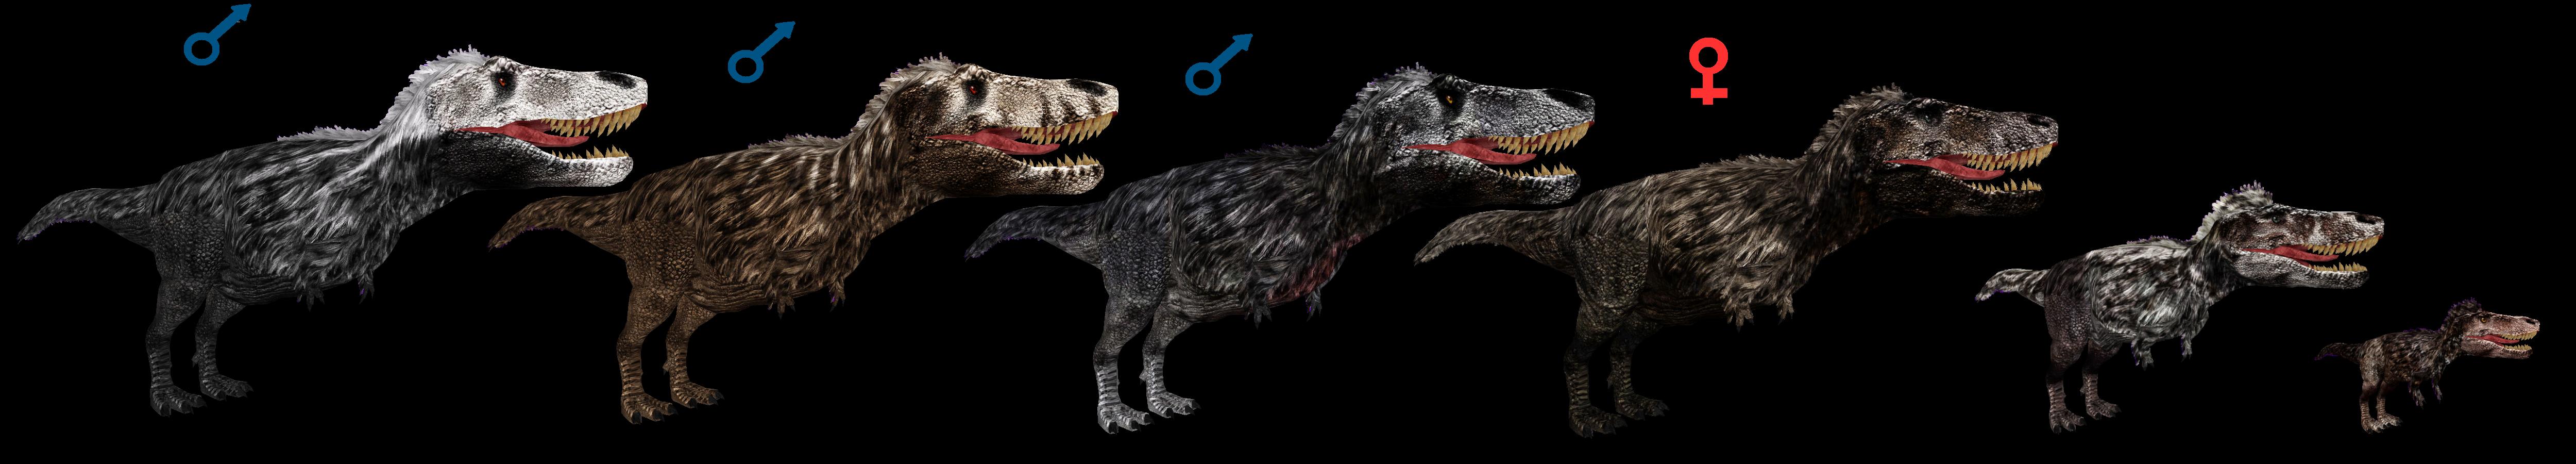 Dinosaur Revolution T-Rexs by ultamateterex2 on DeviantArt Utahraptor Dinosaur Revolution